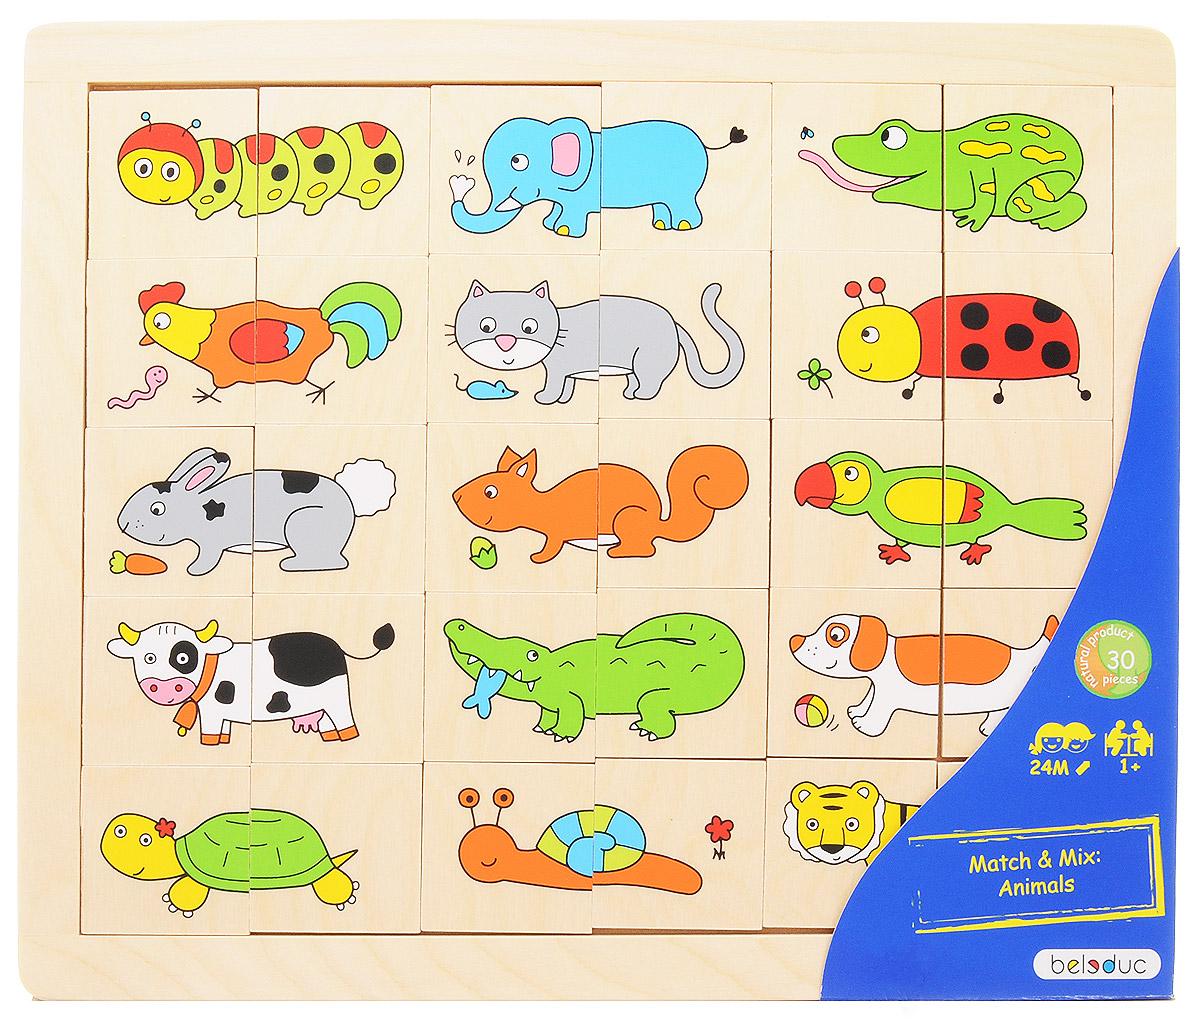 Beleduc Пазл для малышей Животные11006Пазл для малышей Beleduc Животные содержит 30 разноцветных деталей с изображениями животных. Каждая картинка состоит из двух частей. Задача ребенка - правильно составить все картинки и разместить их в рамке. Игра способствует развитию визуального восприятия, наблюдательности, учит различать цвета и формы.